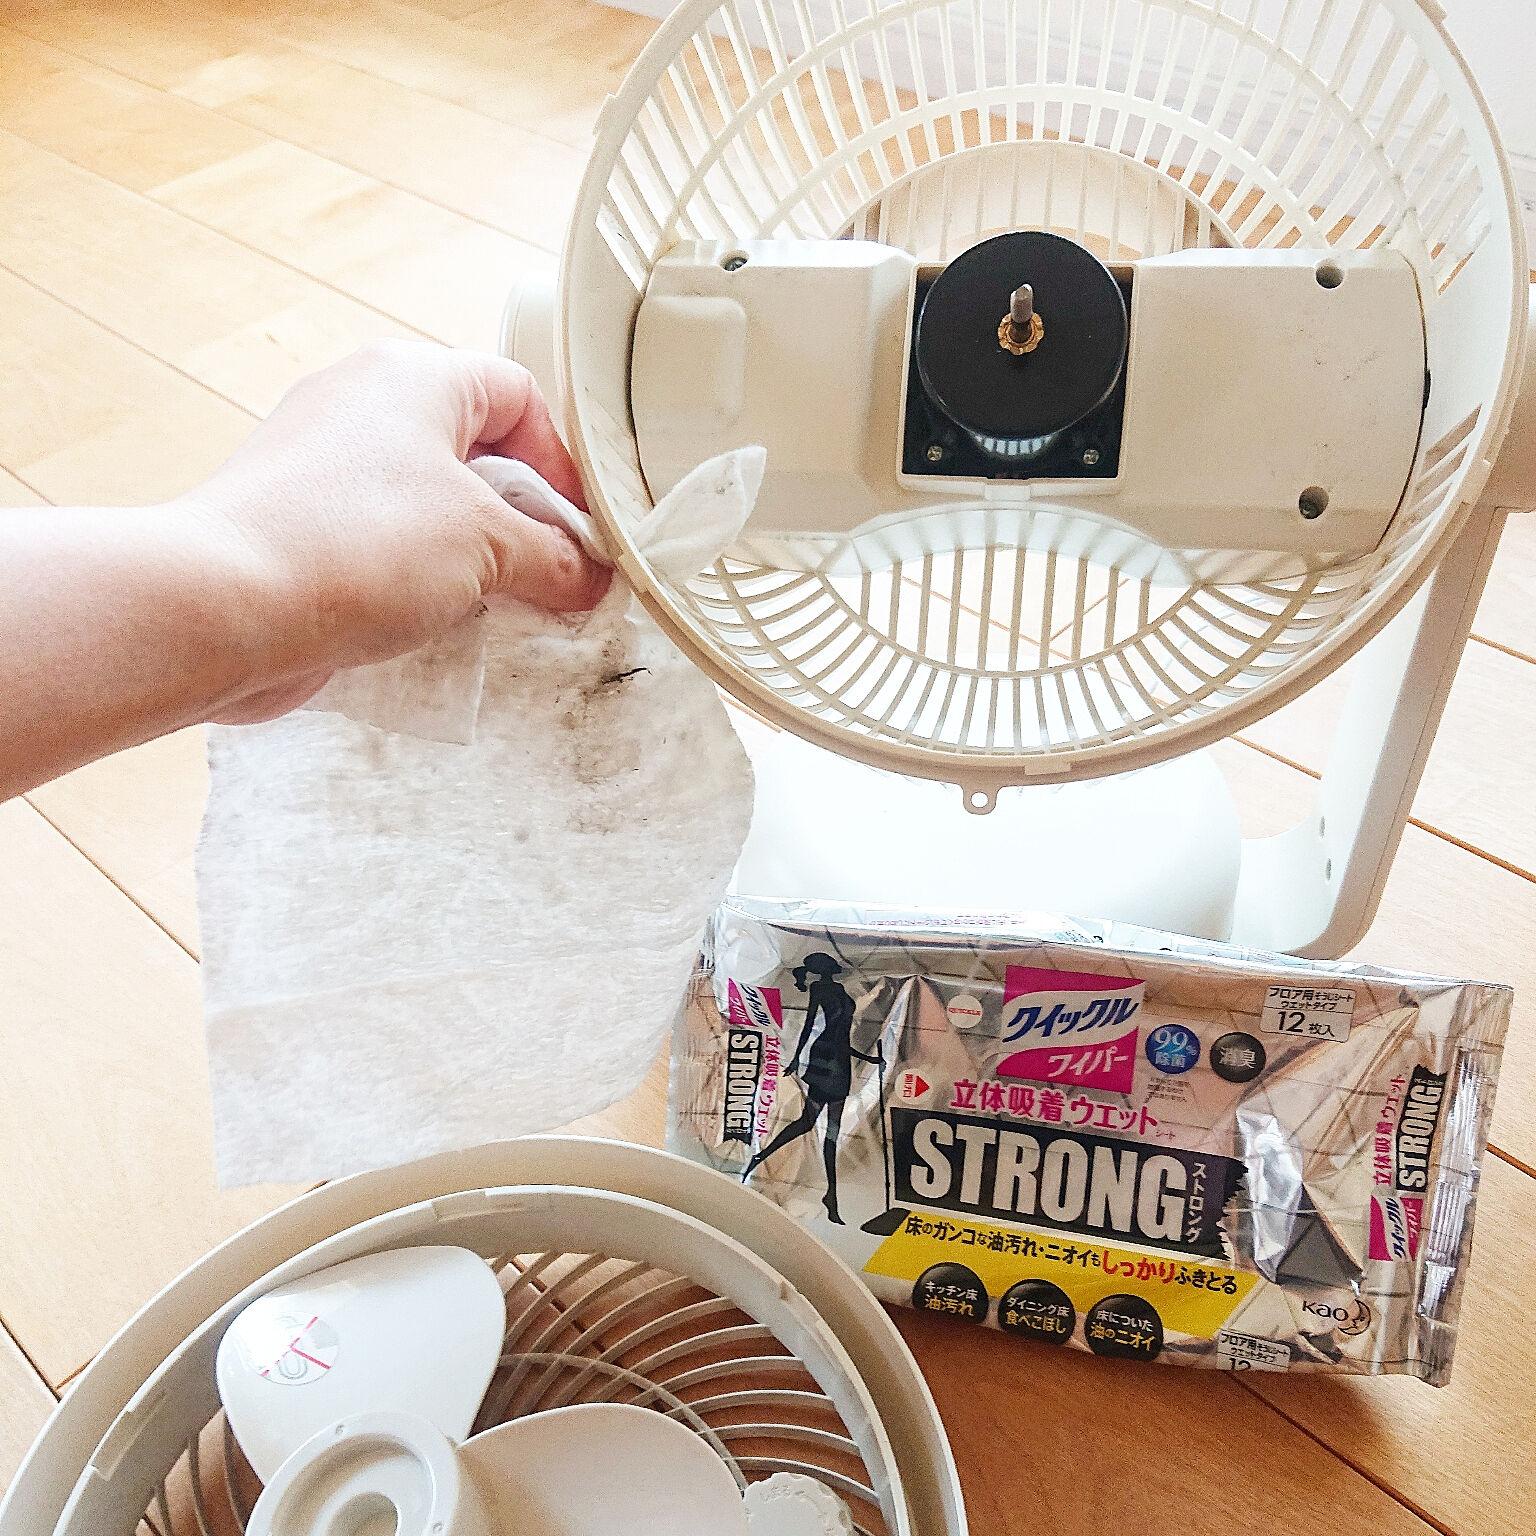 夏が過ぎたあとのおうちしごと♪夏家電のお手入れ&片付けの方法